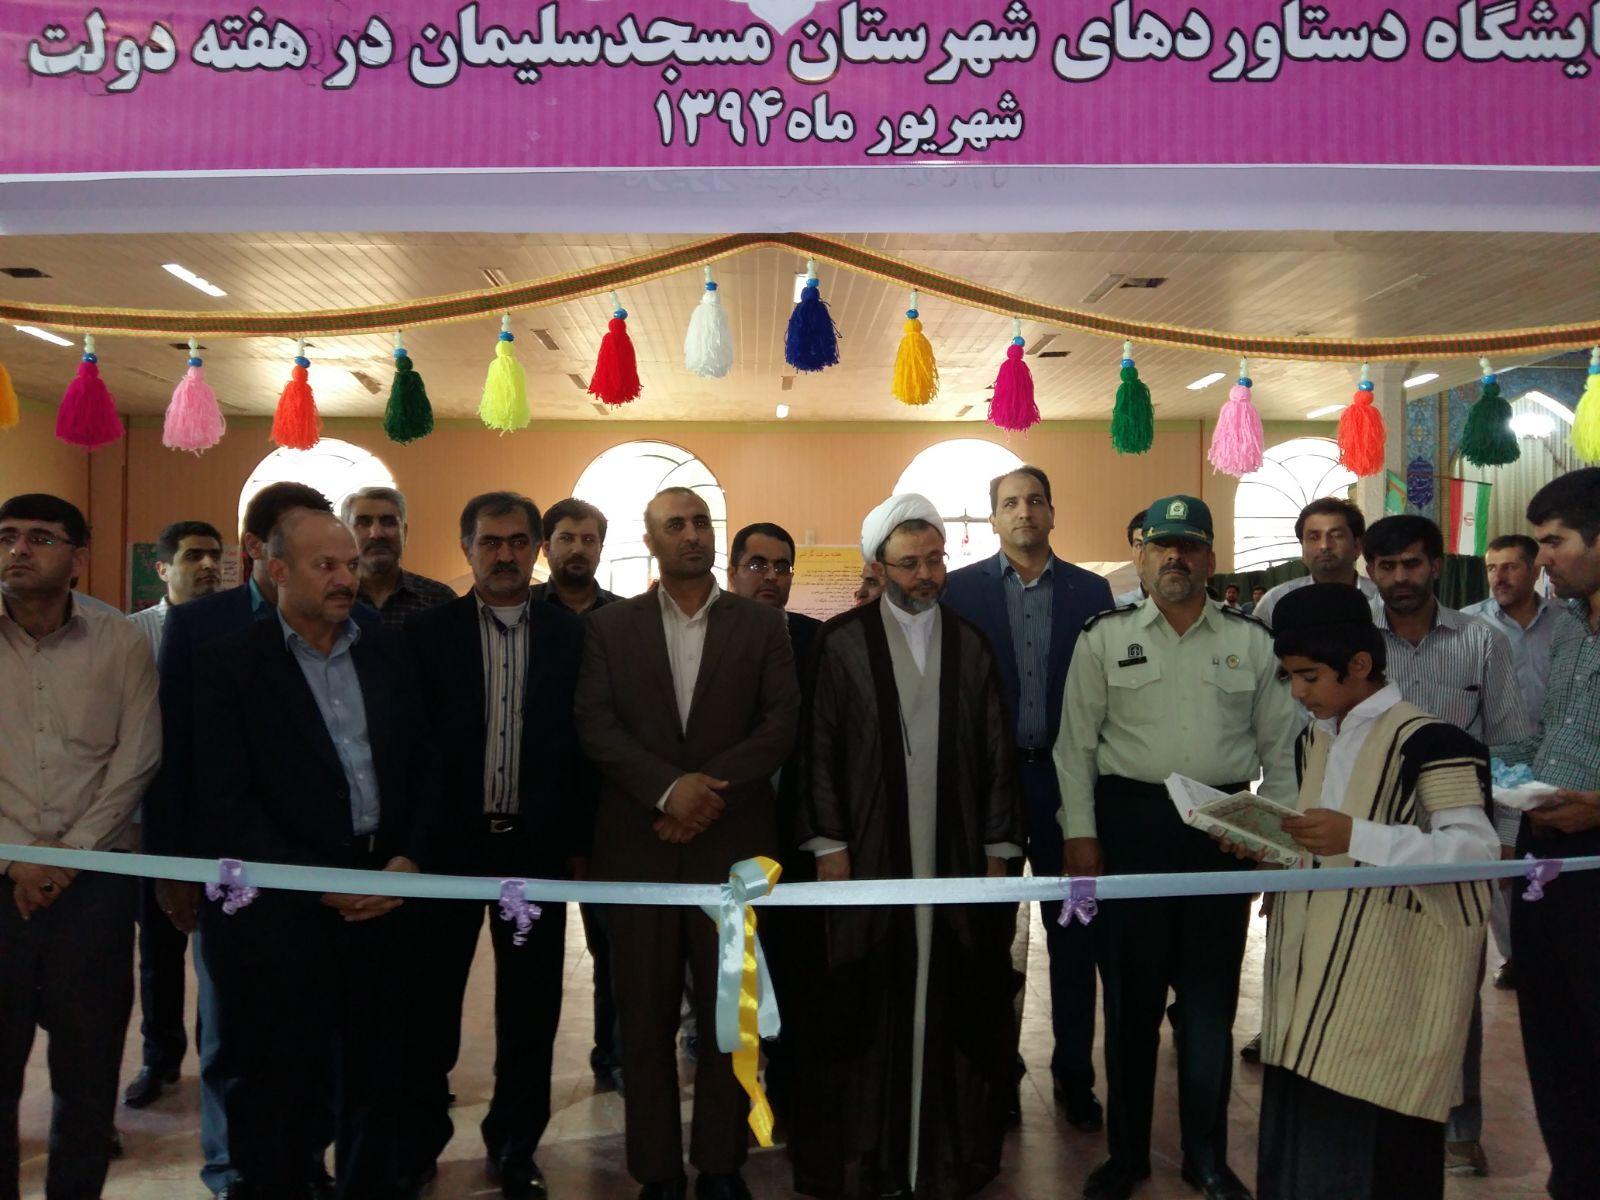 گزارش تصویری افتتاح نمایشگاه دستاوردهای شهرستان مسجدسلیمان در هفته دولت